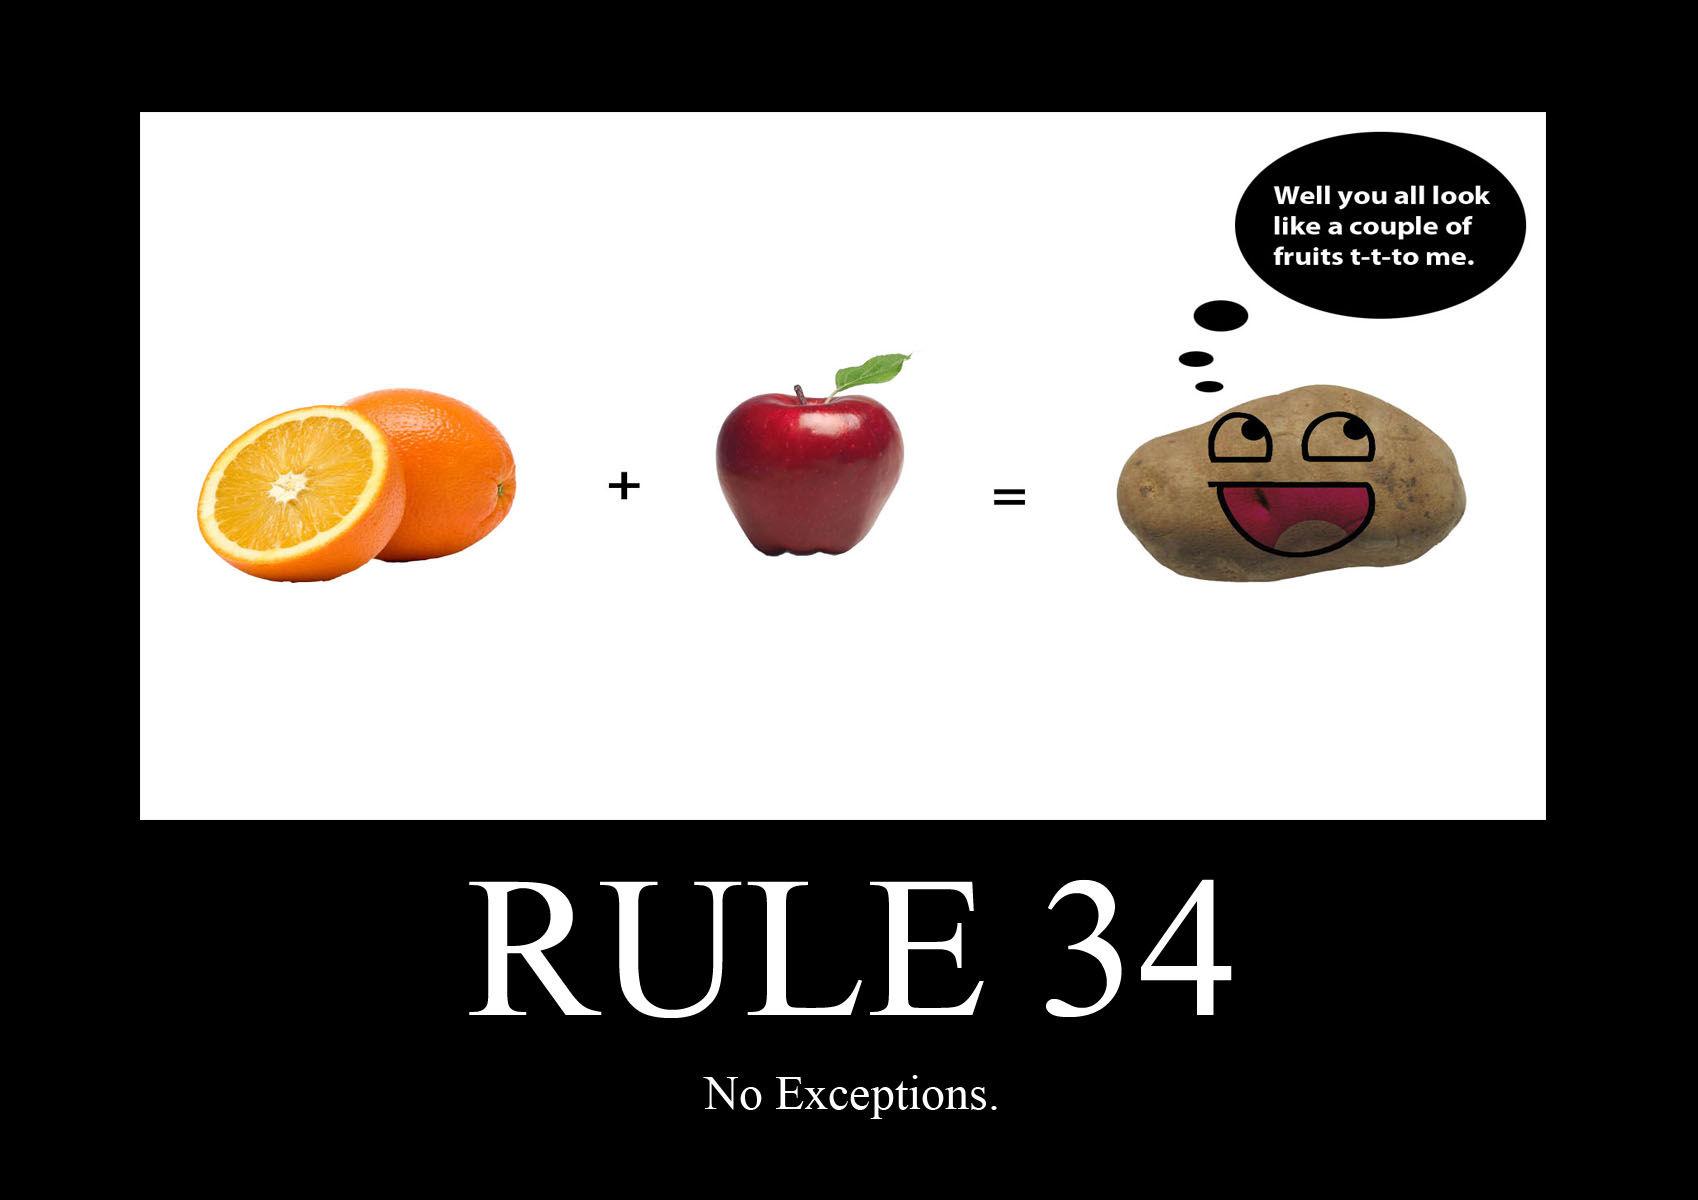 rule 34 original